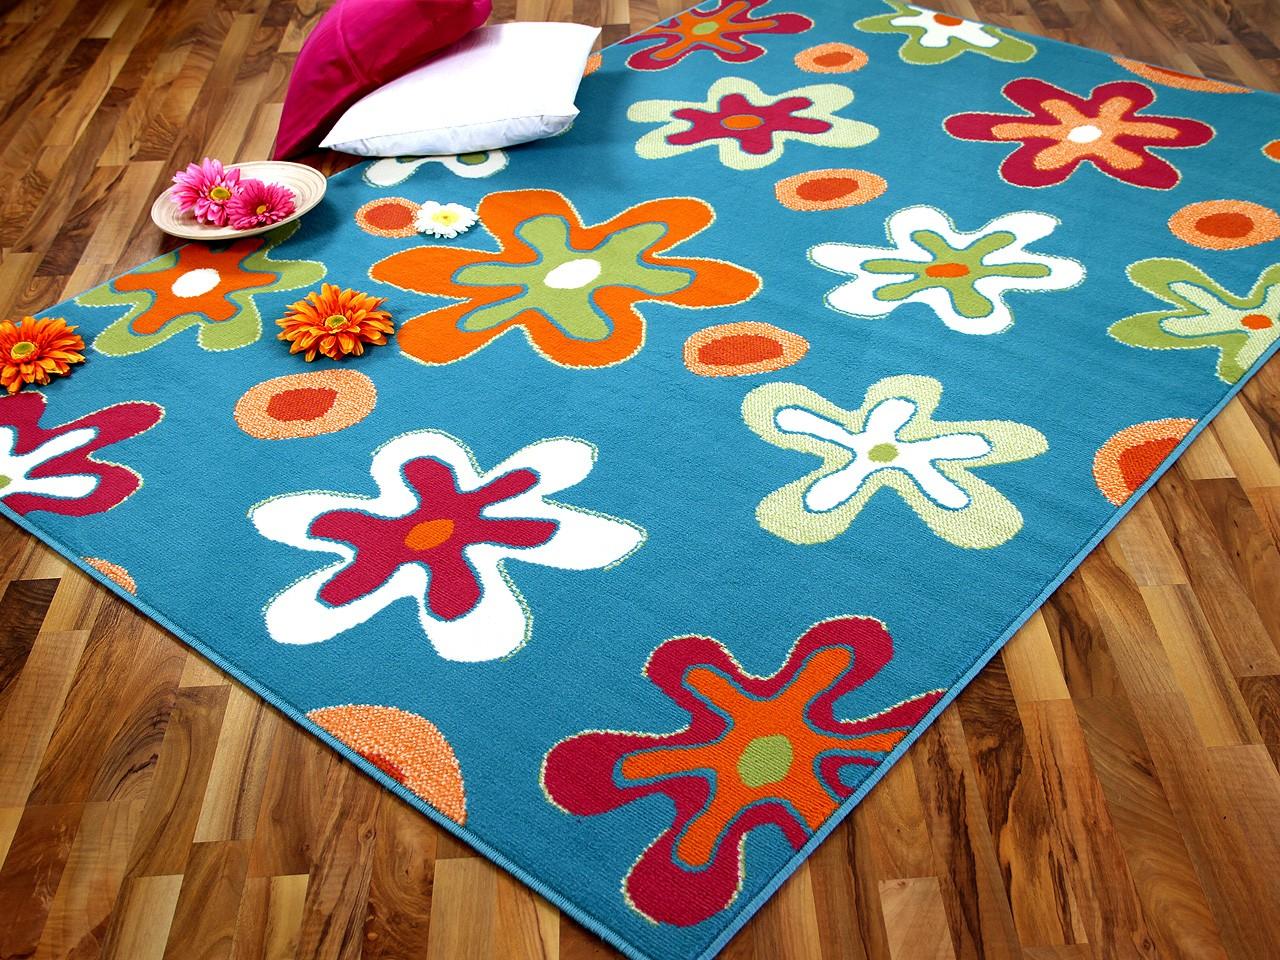 Teppich Modern Trendline Blau Blumen  ABVERKAUF Teppiche